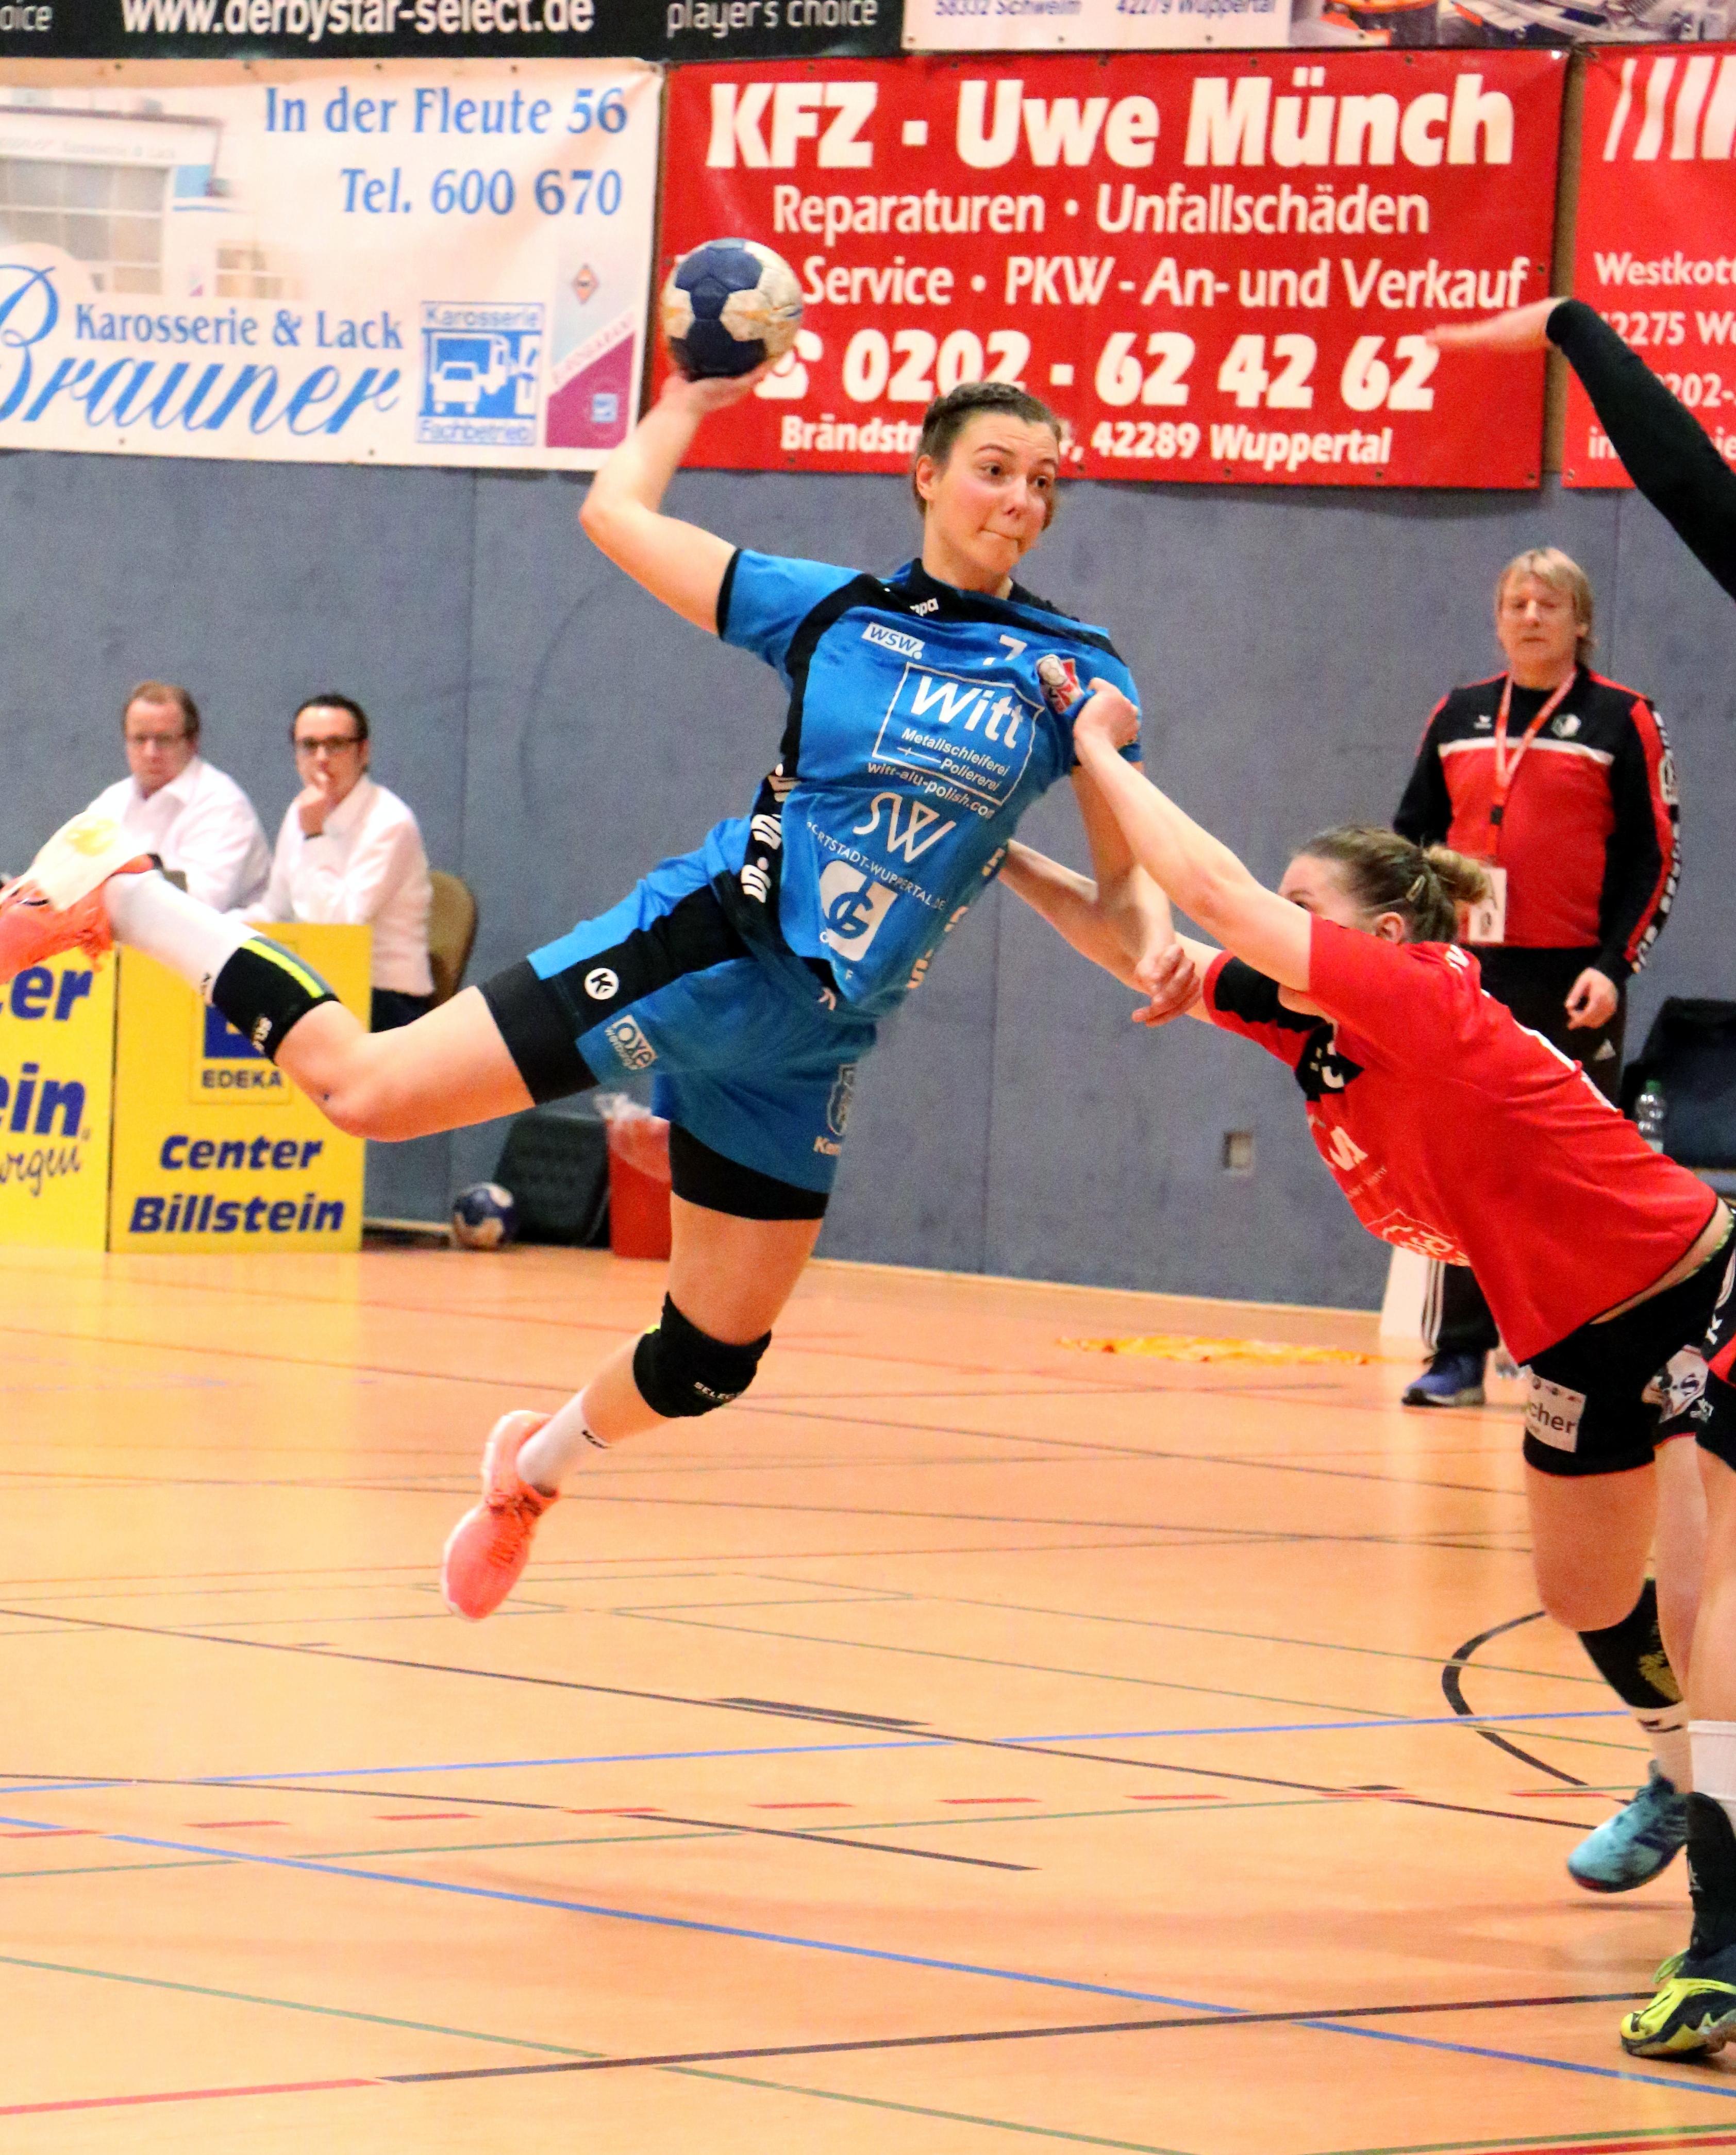 WZ-Sportlerin der Woche - Ramona Ruthenbeck - Beyeröhder Handballgirls